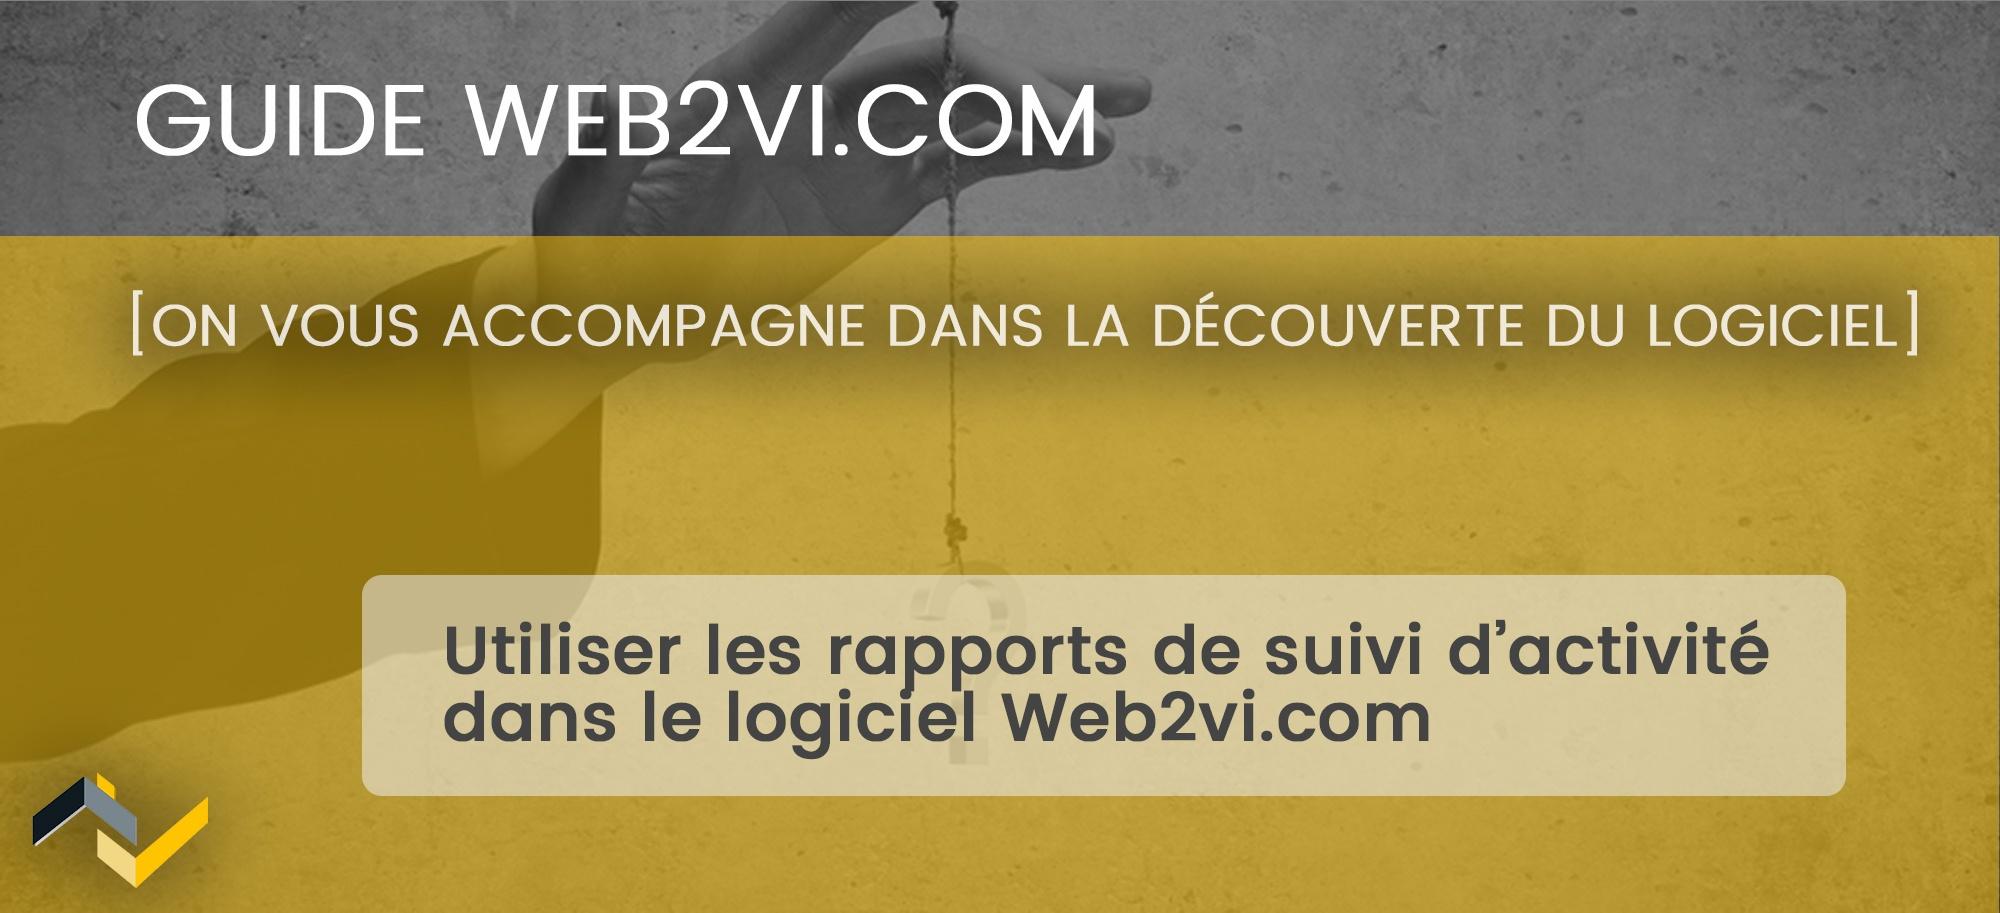 Utiliser les graphiques de suivi d'activité sur Web2vi.com